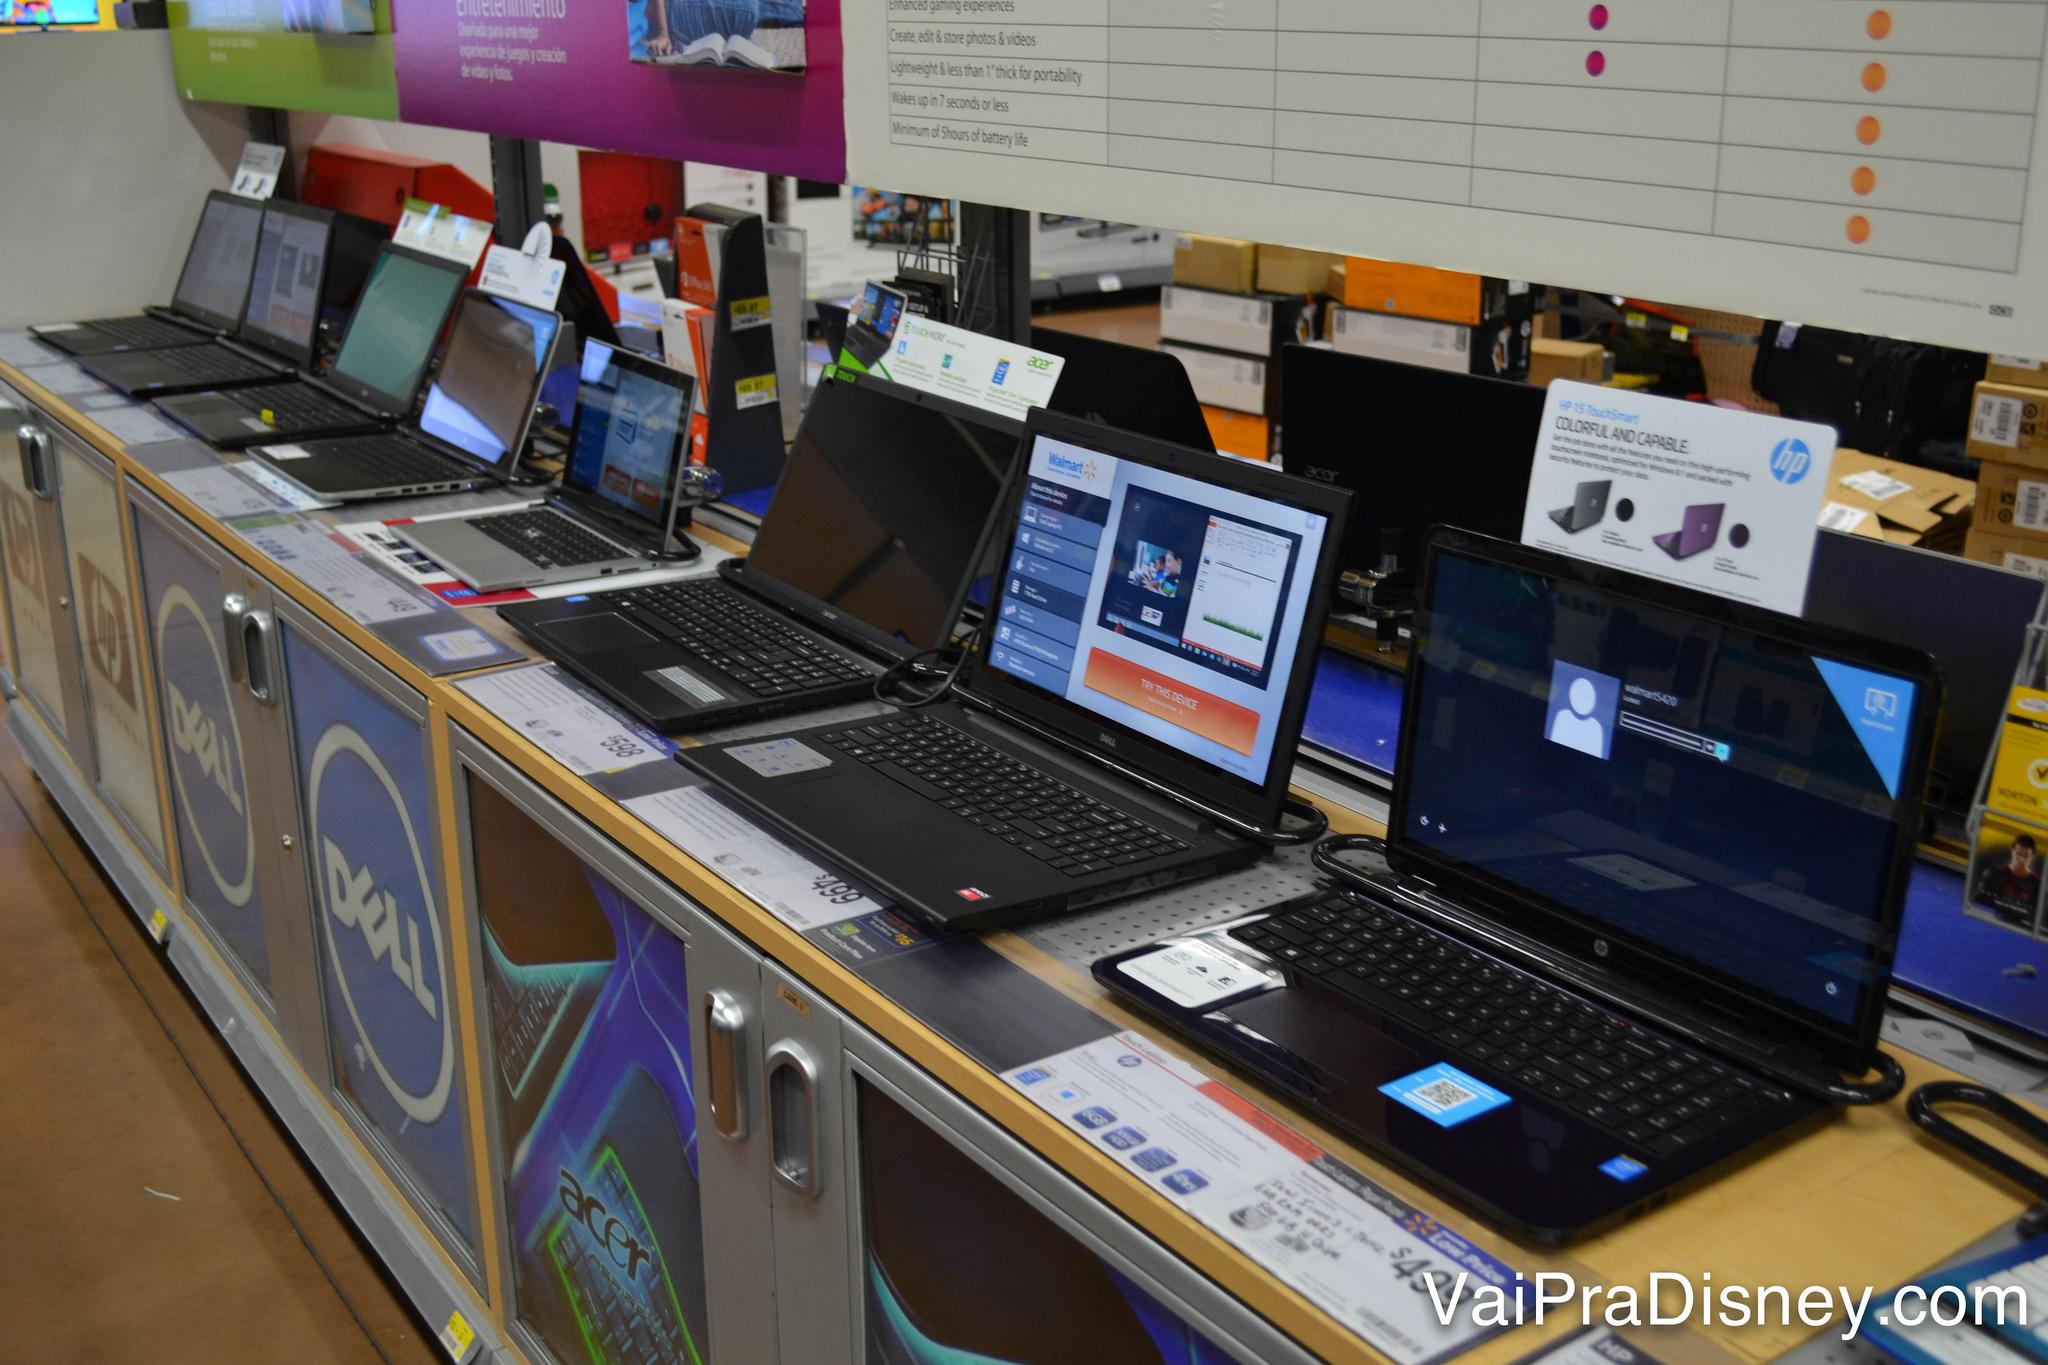 Laptops com bons preços também no Walmart, mas fique atento às garantias estendidas vendidas pelas lojas, pois na maioria das vezes ela não vale no Brasil.